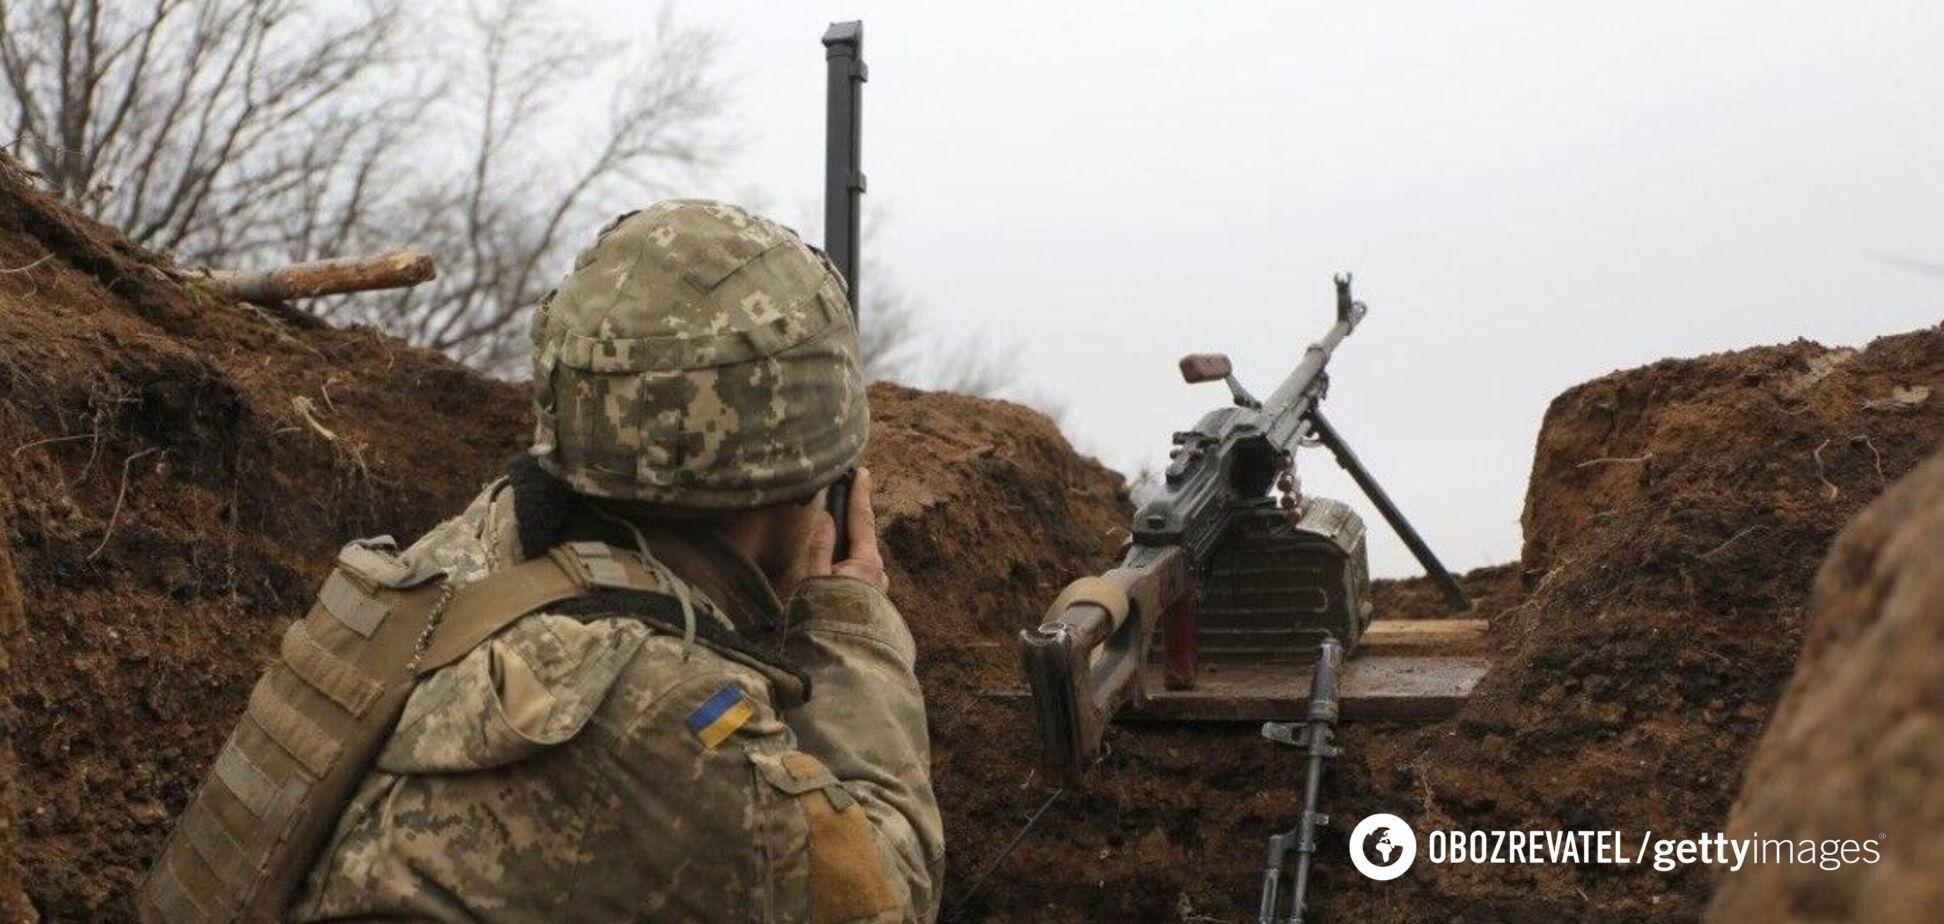 На Донбассе наемники РФ открывали огонь по ВСУ из минометов и гранатометов – штаб ООС